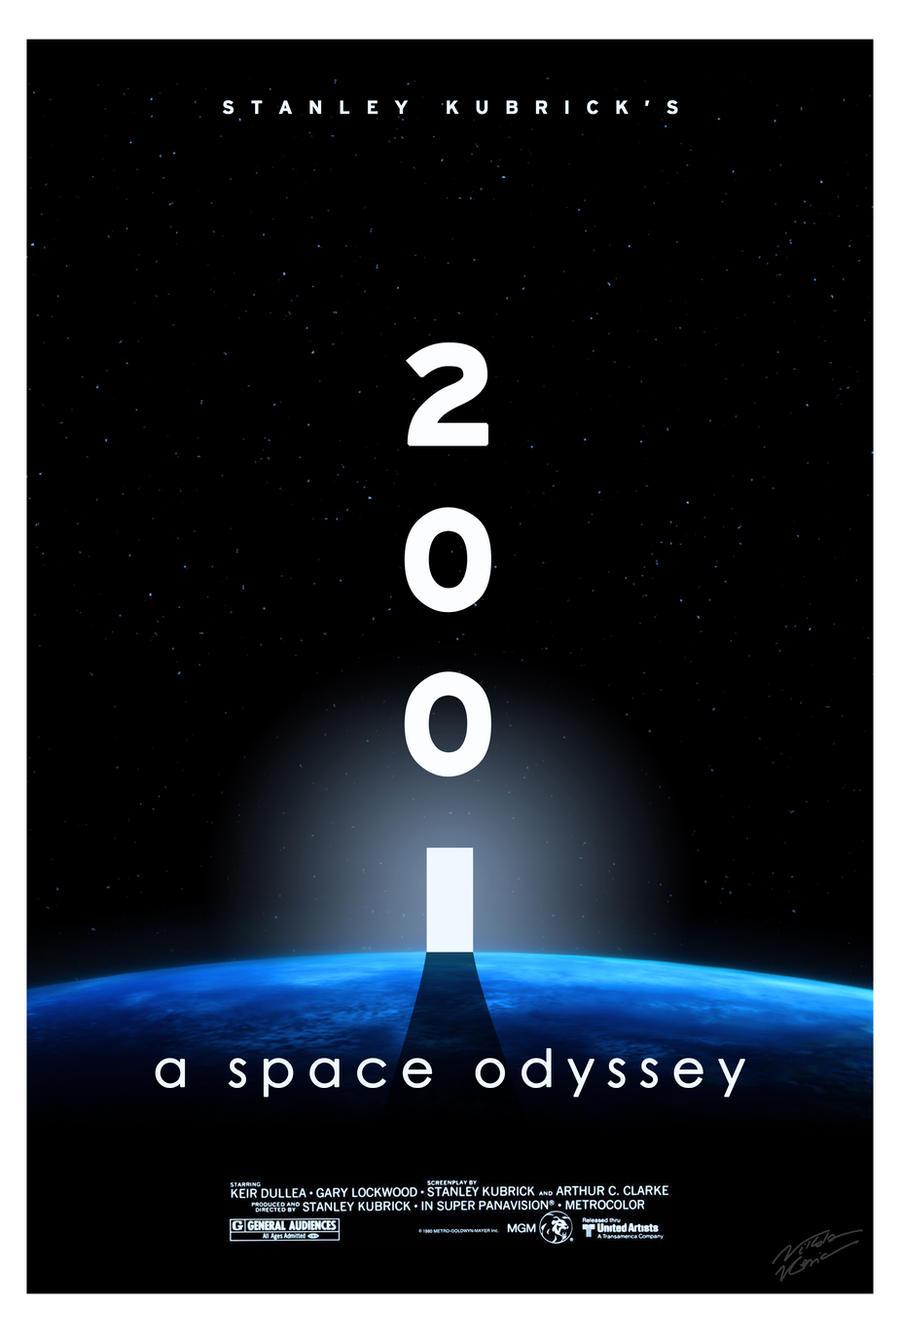 2001: a space odyssey (v.1) - aliasniko fan art by aliasniko